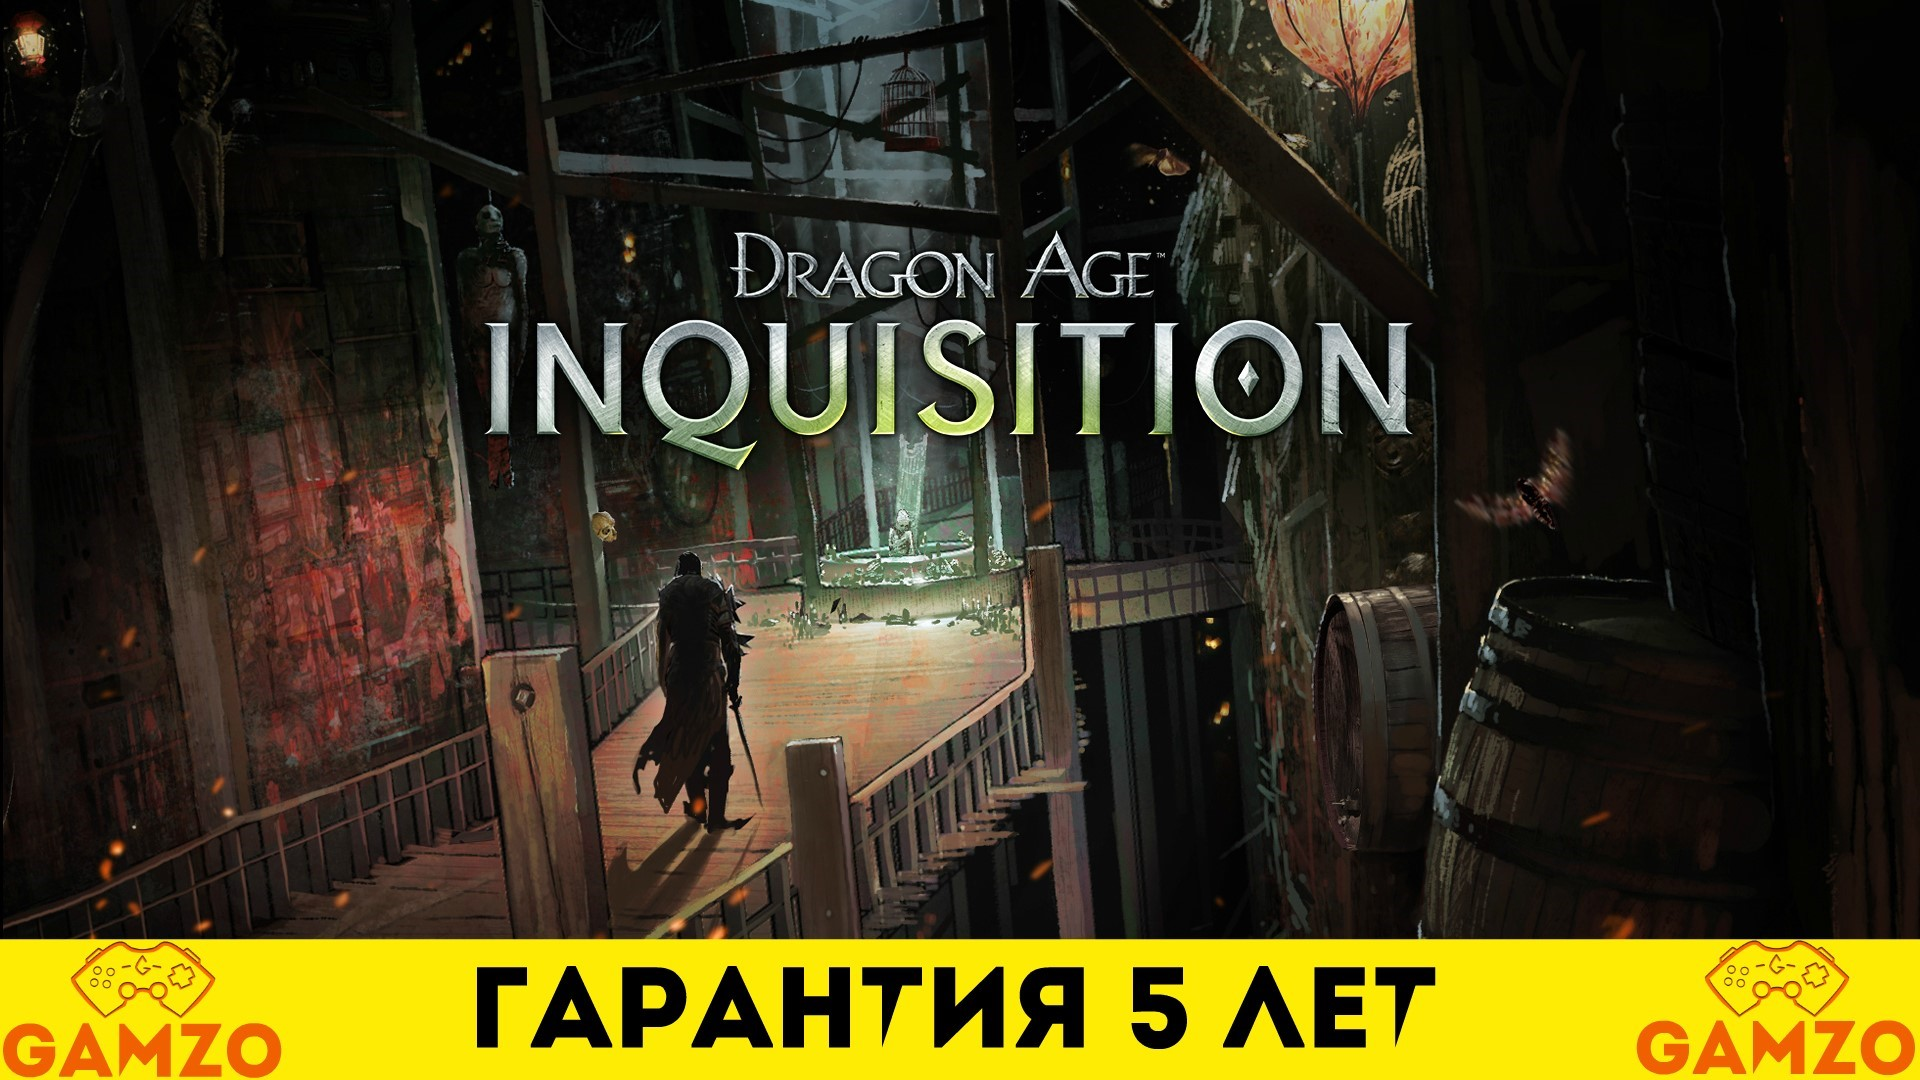 Dragon Age™ Inquisition | Гарантия 5 лет | + Подарок